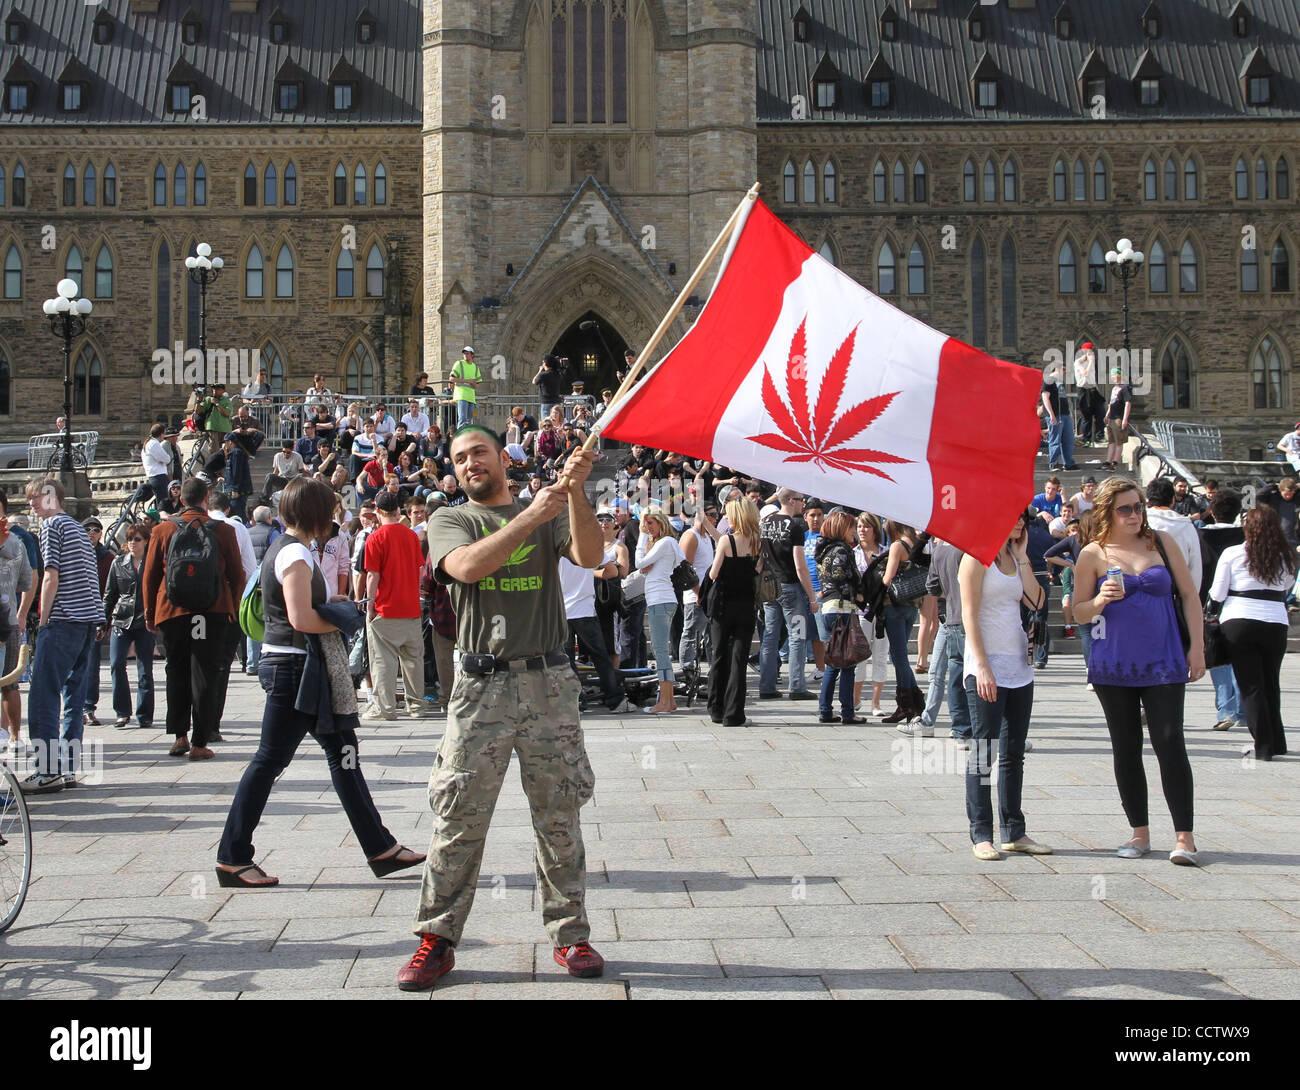 apr 20 2010 ottawa ontario canada a man waving a canada